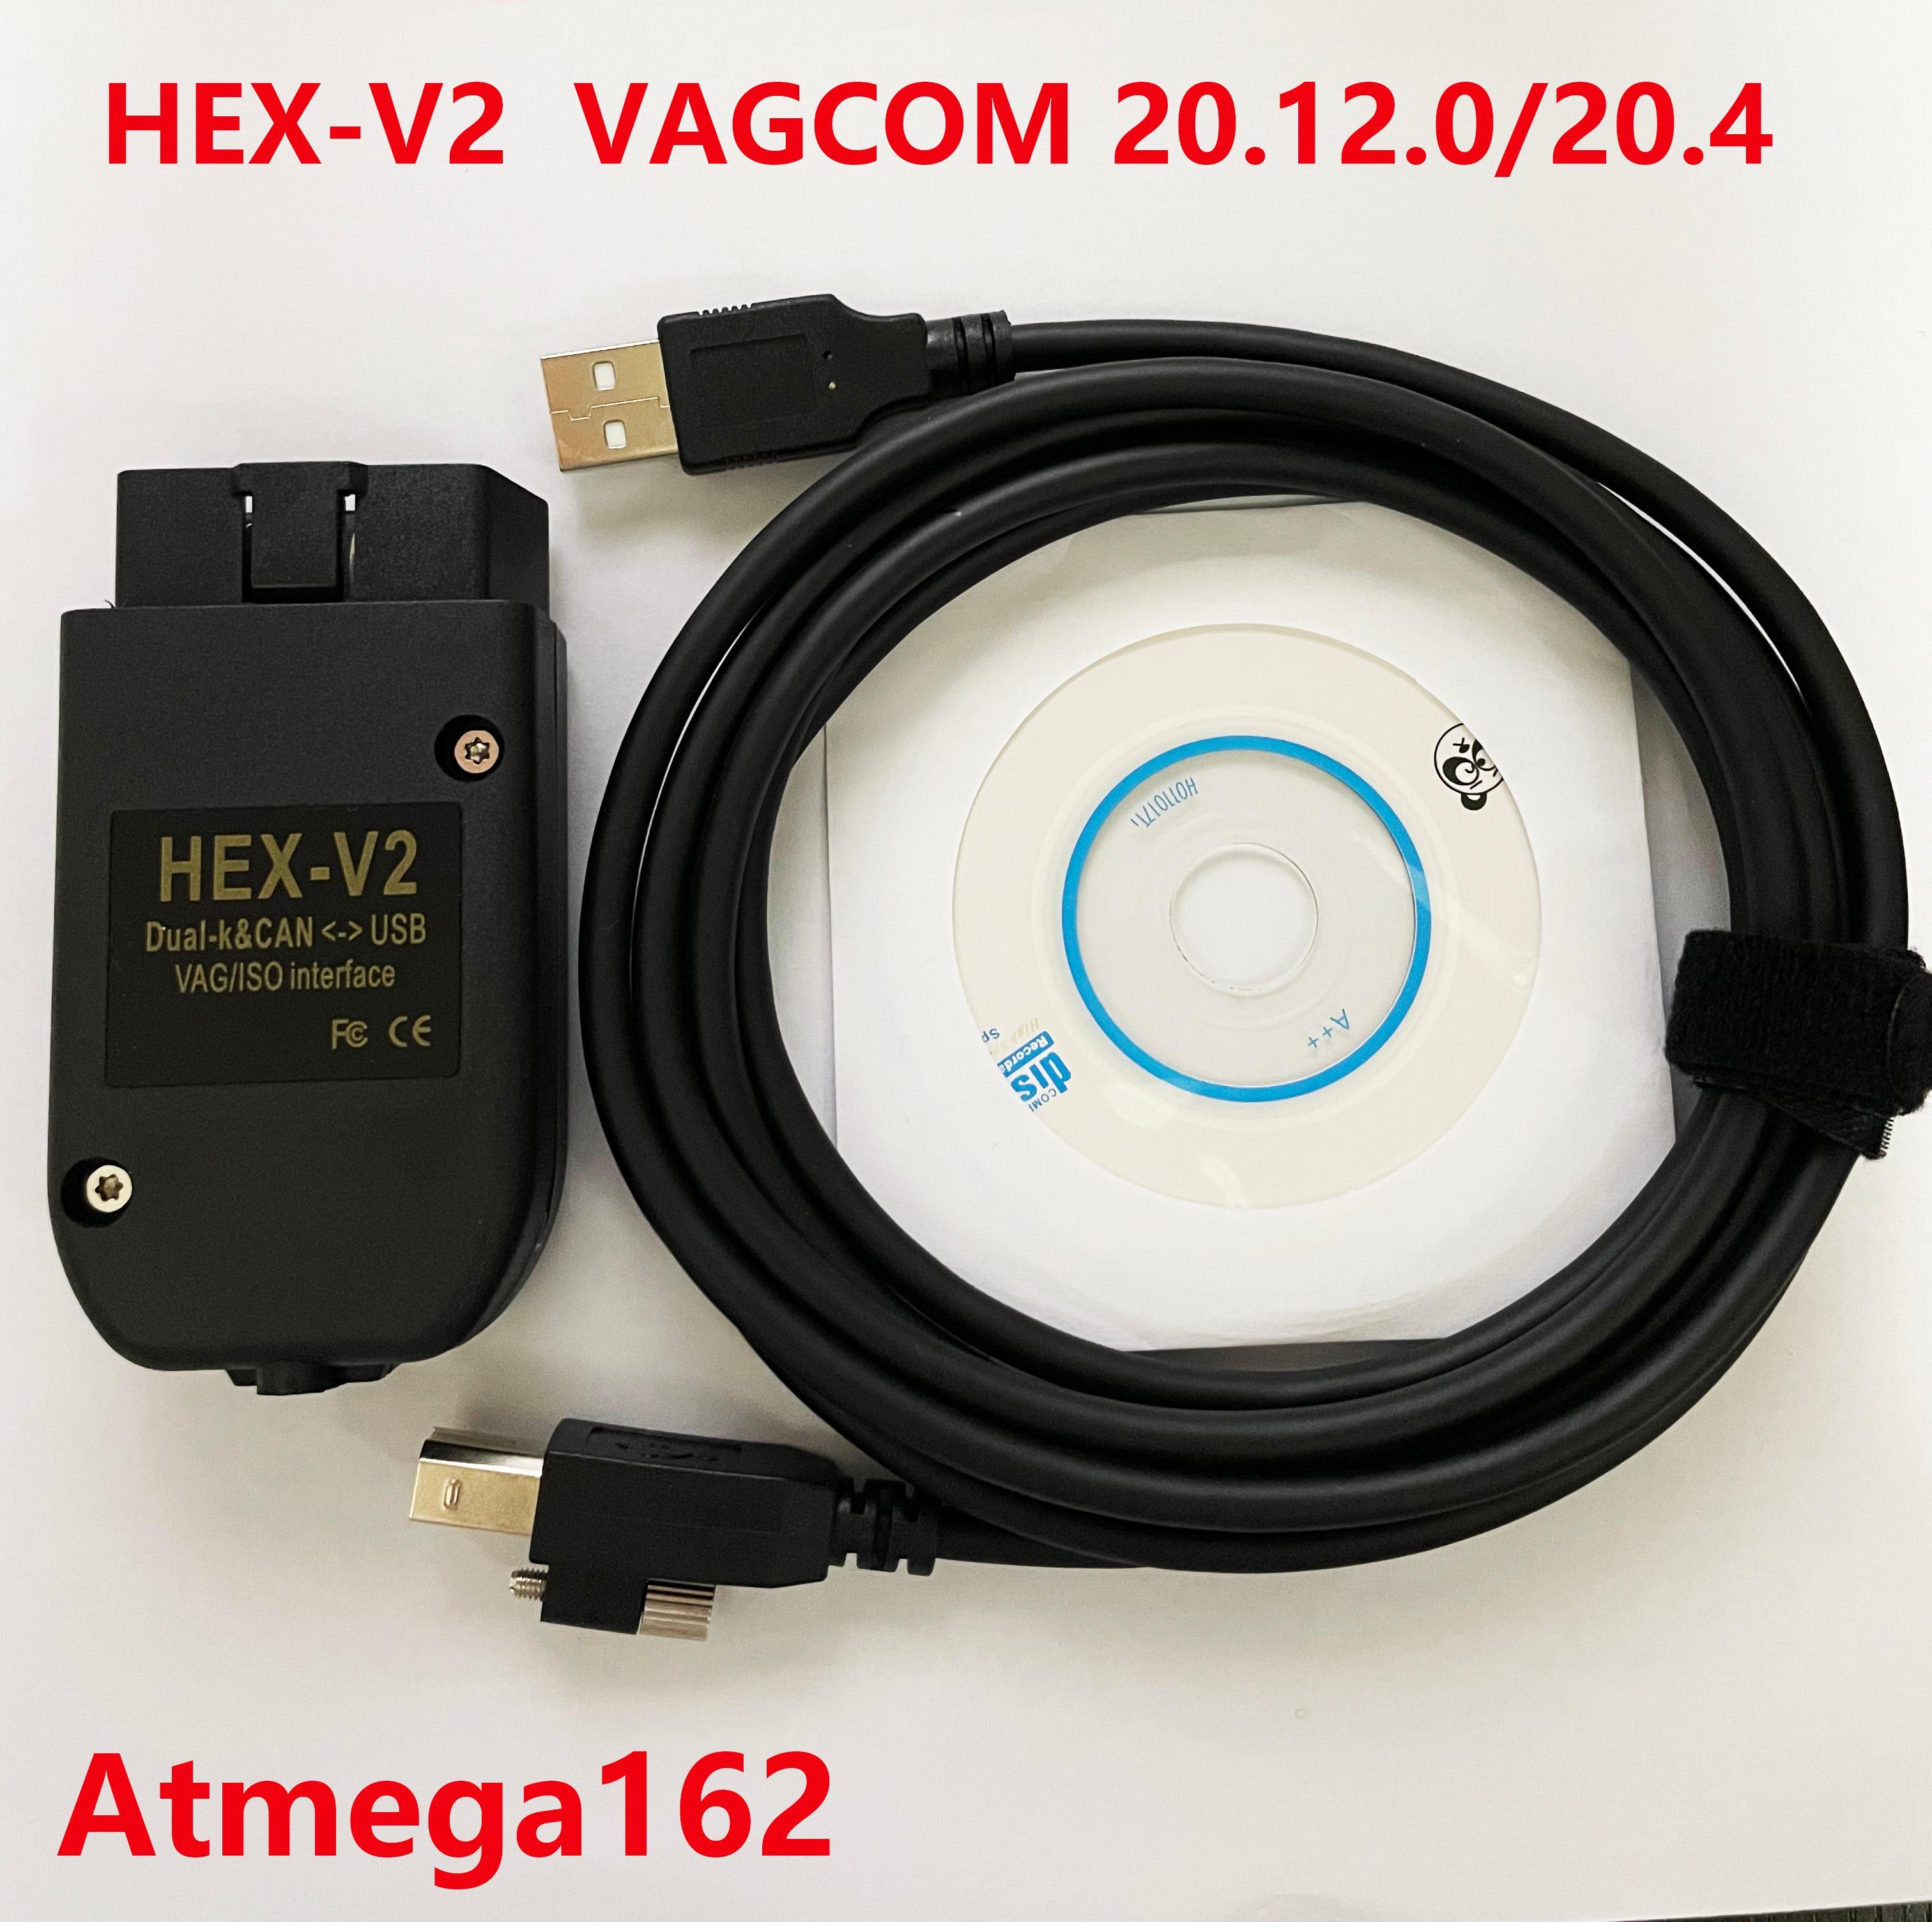 Vagcom 20.4.2 vag com 20.4 mais novo VC-DS hex v2 interface para vw audi skoda seat vag 20.4 inglês polonês alemão francês espanhol